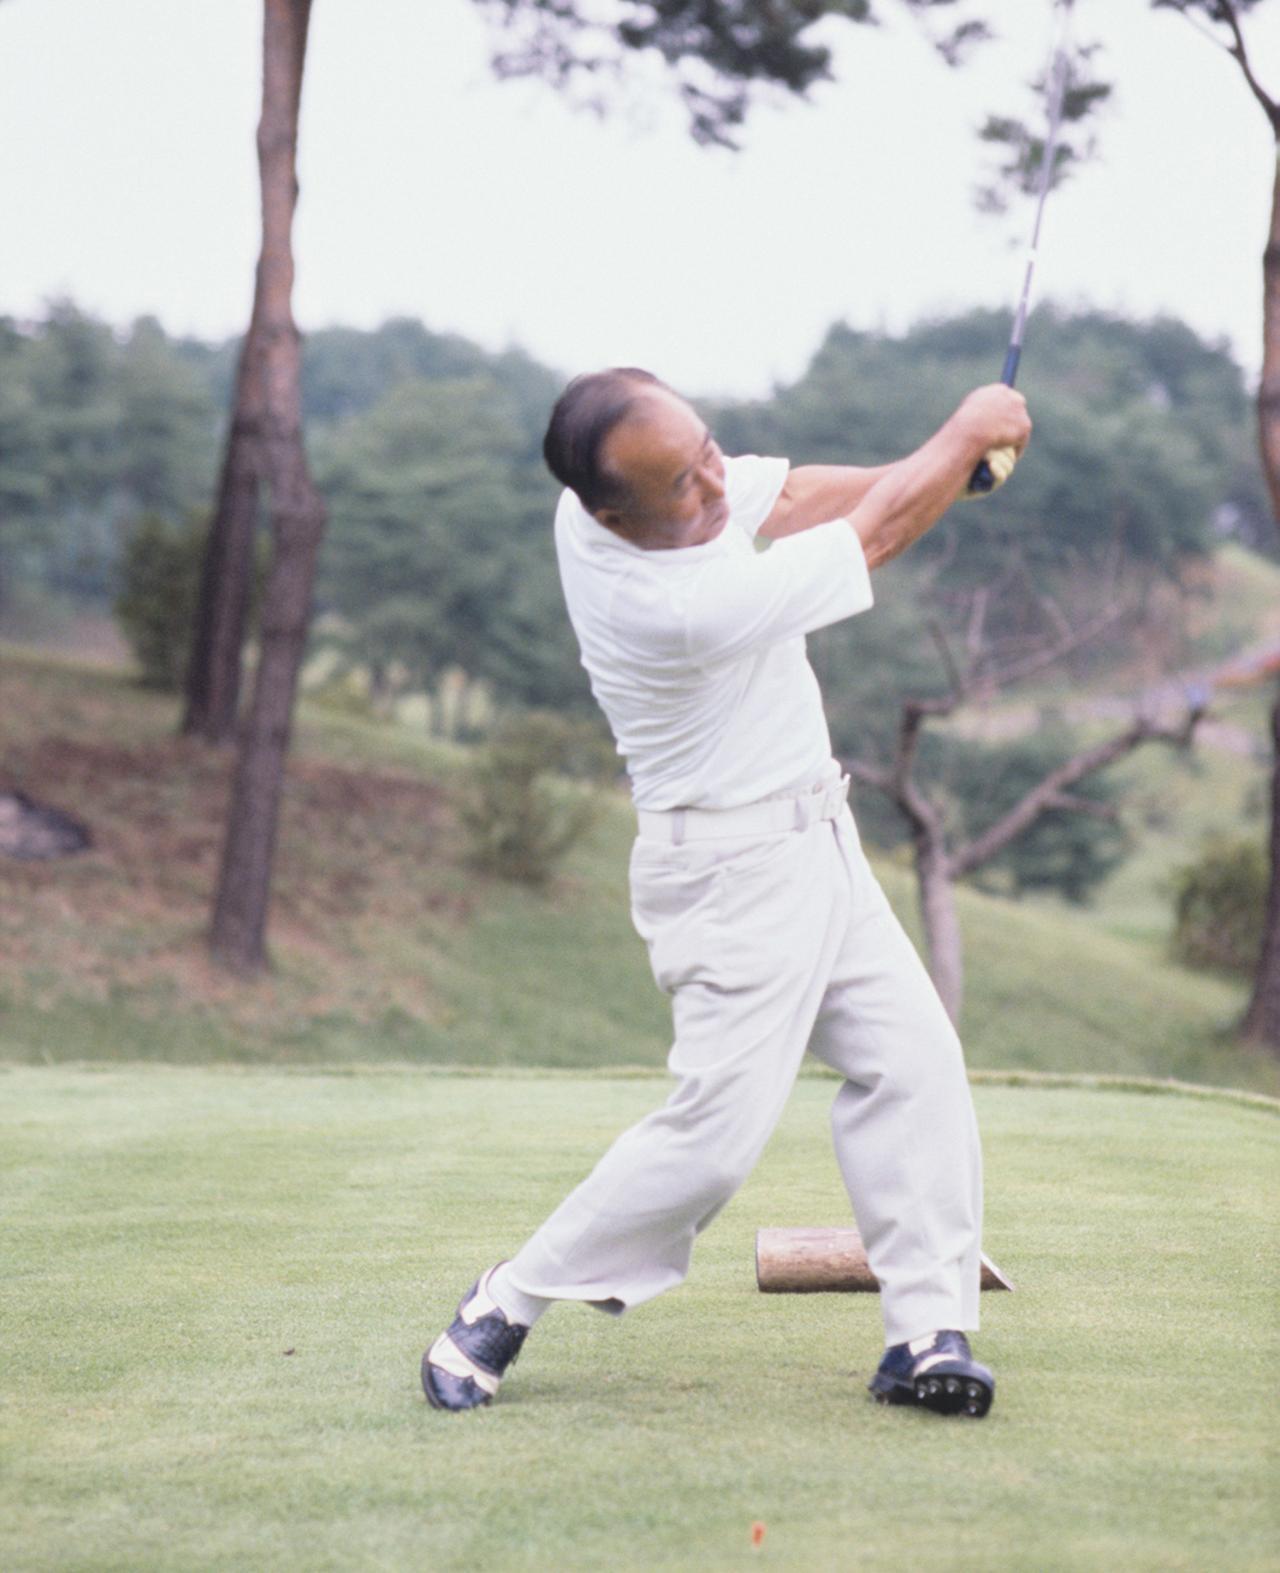 画像6: 【今日は何の日? ゴルフの日】60年前の昭和32年10月27日にカナダカップ優勝。霞ヶ関CC東コースでマークした日本チームのスコアは? 日本のタイガー中村寅吉